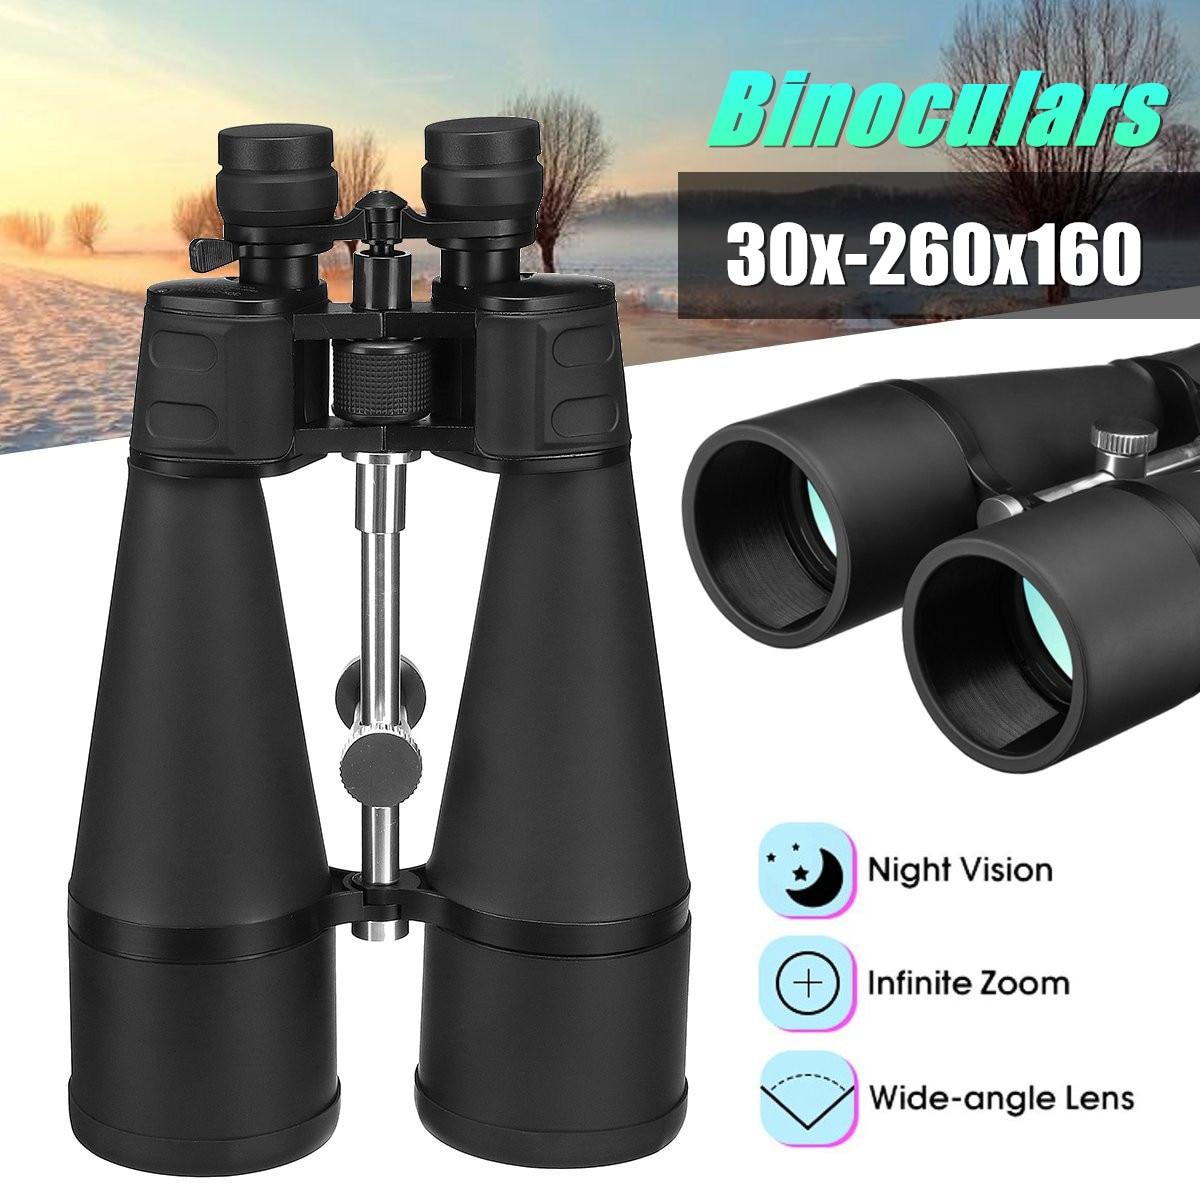 Optische Grün Objektiv Fernglas 30x-260x160 Hohe Vergrößerung Long Range Zoom Ziel Durchmesser 160mm + objektiv Tuch